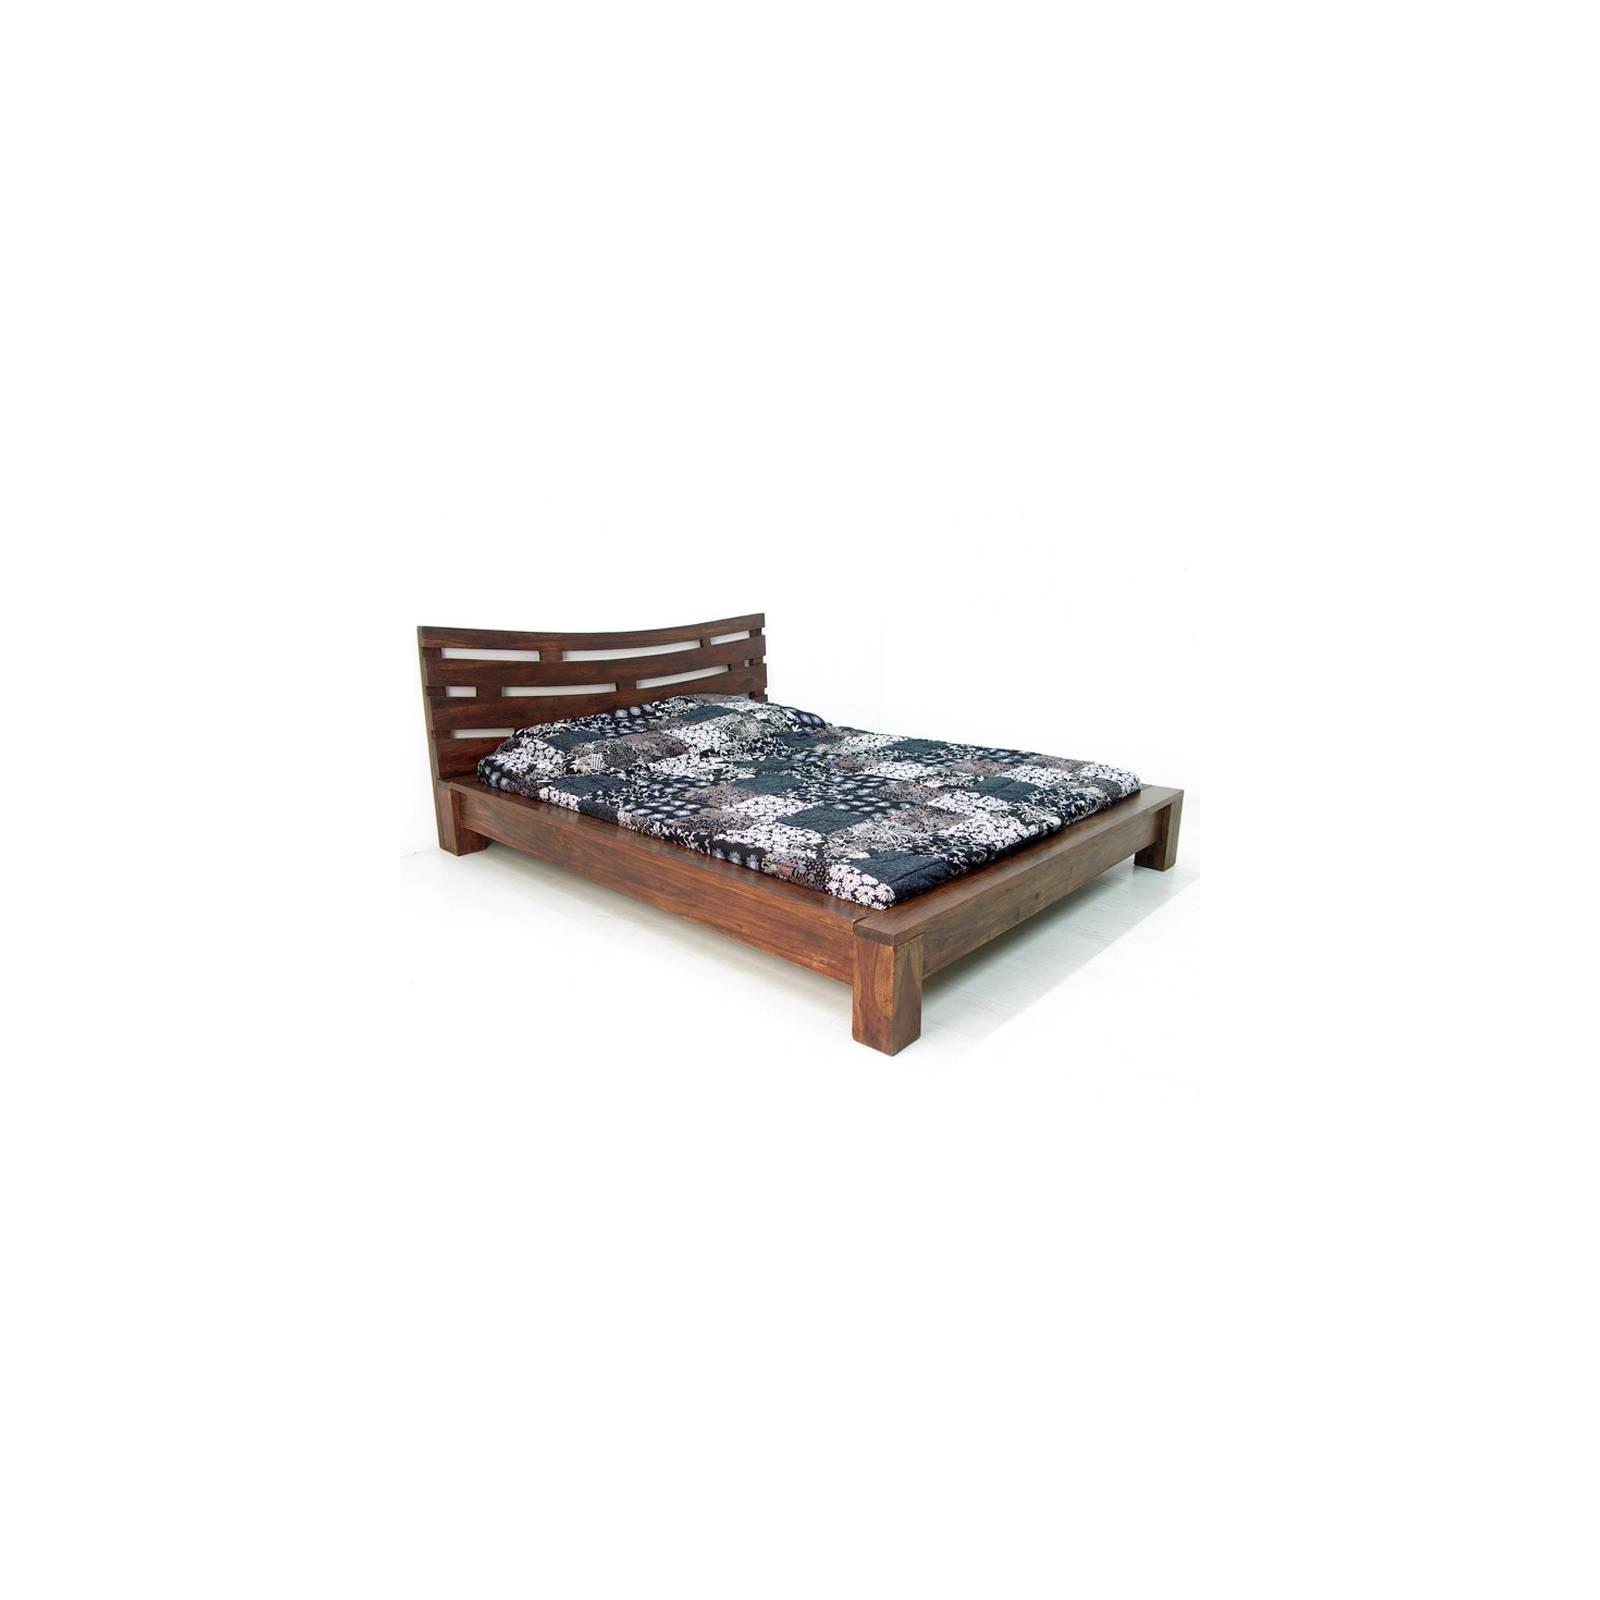 Lit 160 Soleil Levant Palissandre - achat meubles bois exotique